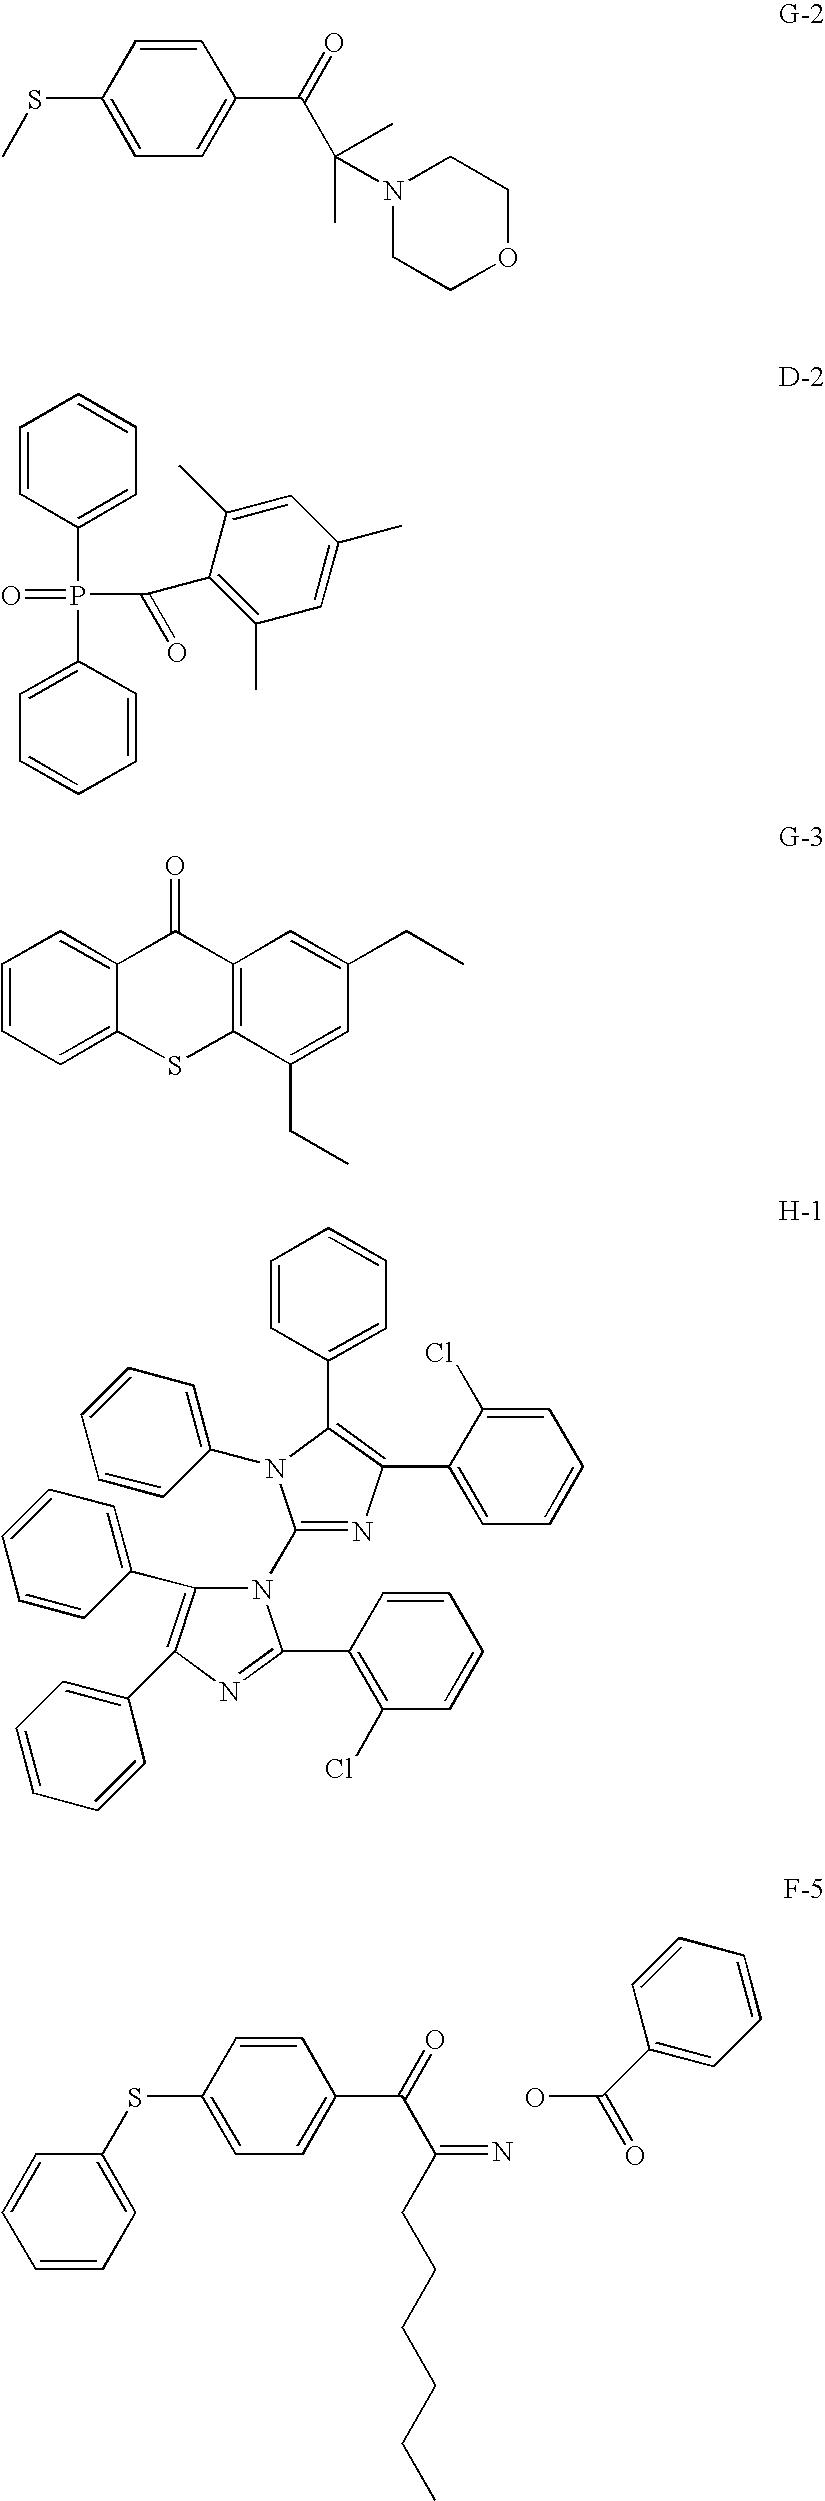 Figure US20090066883A1-20090312-C00010